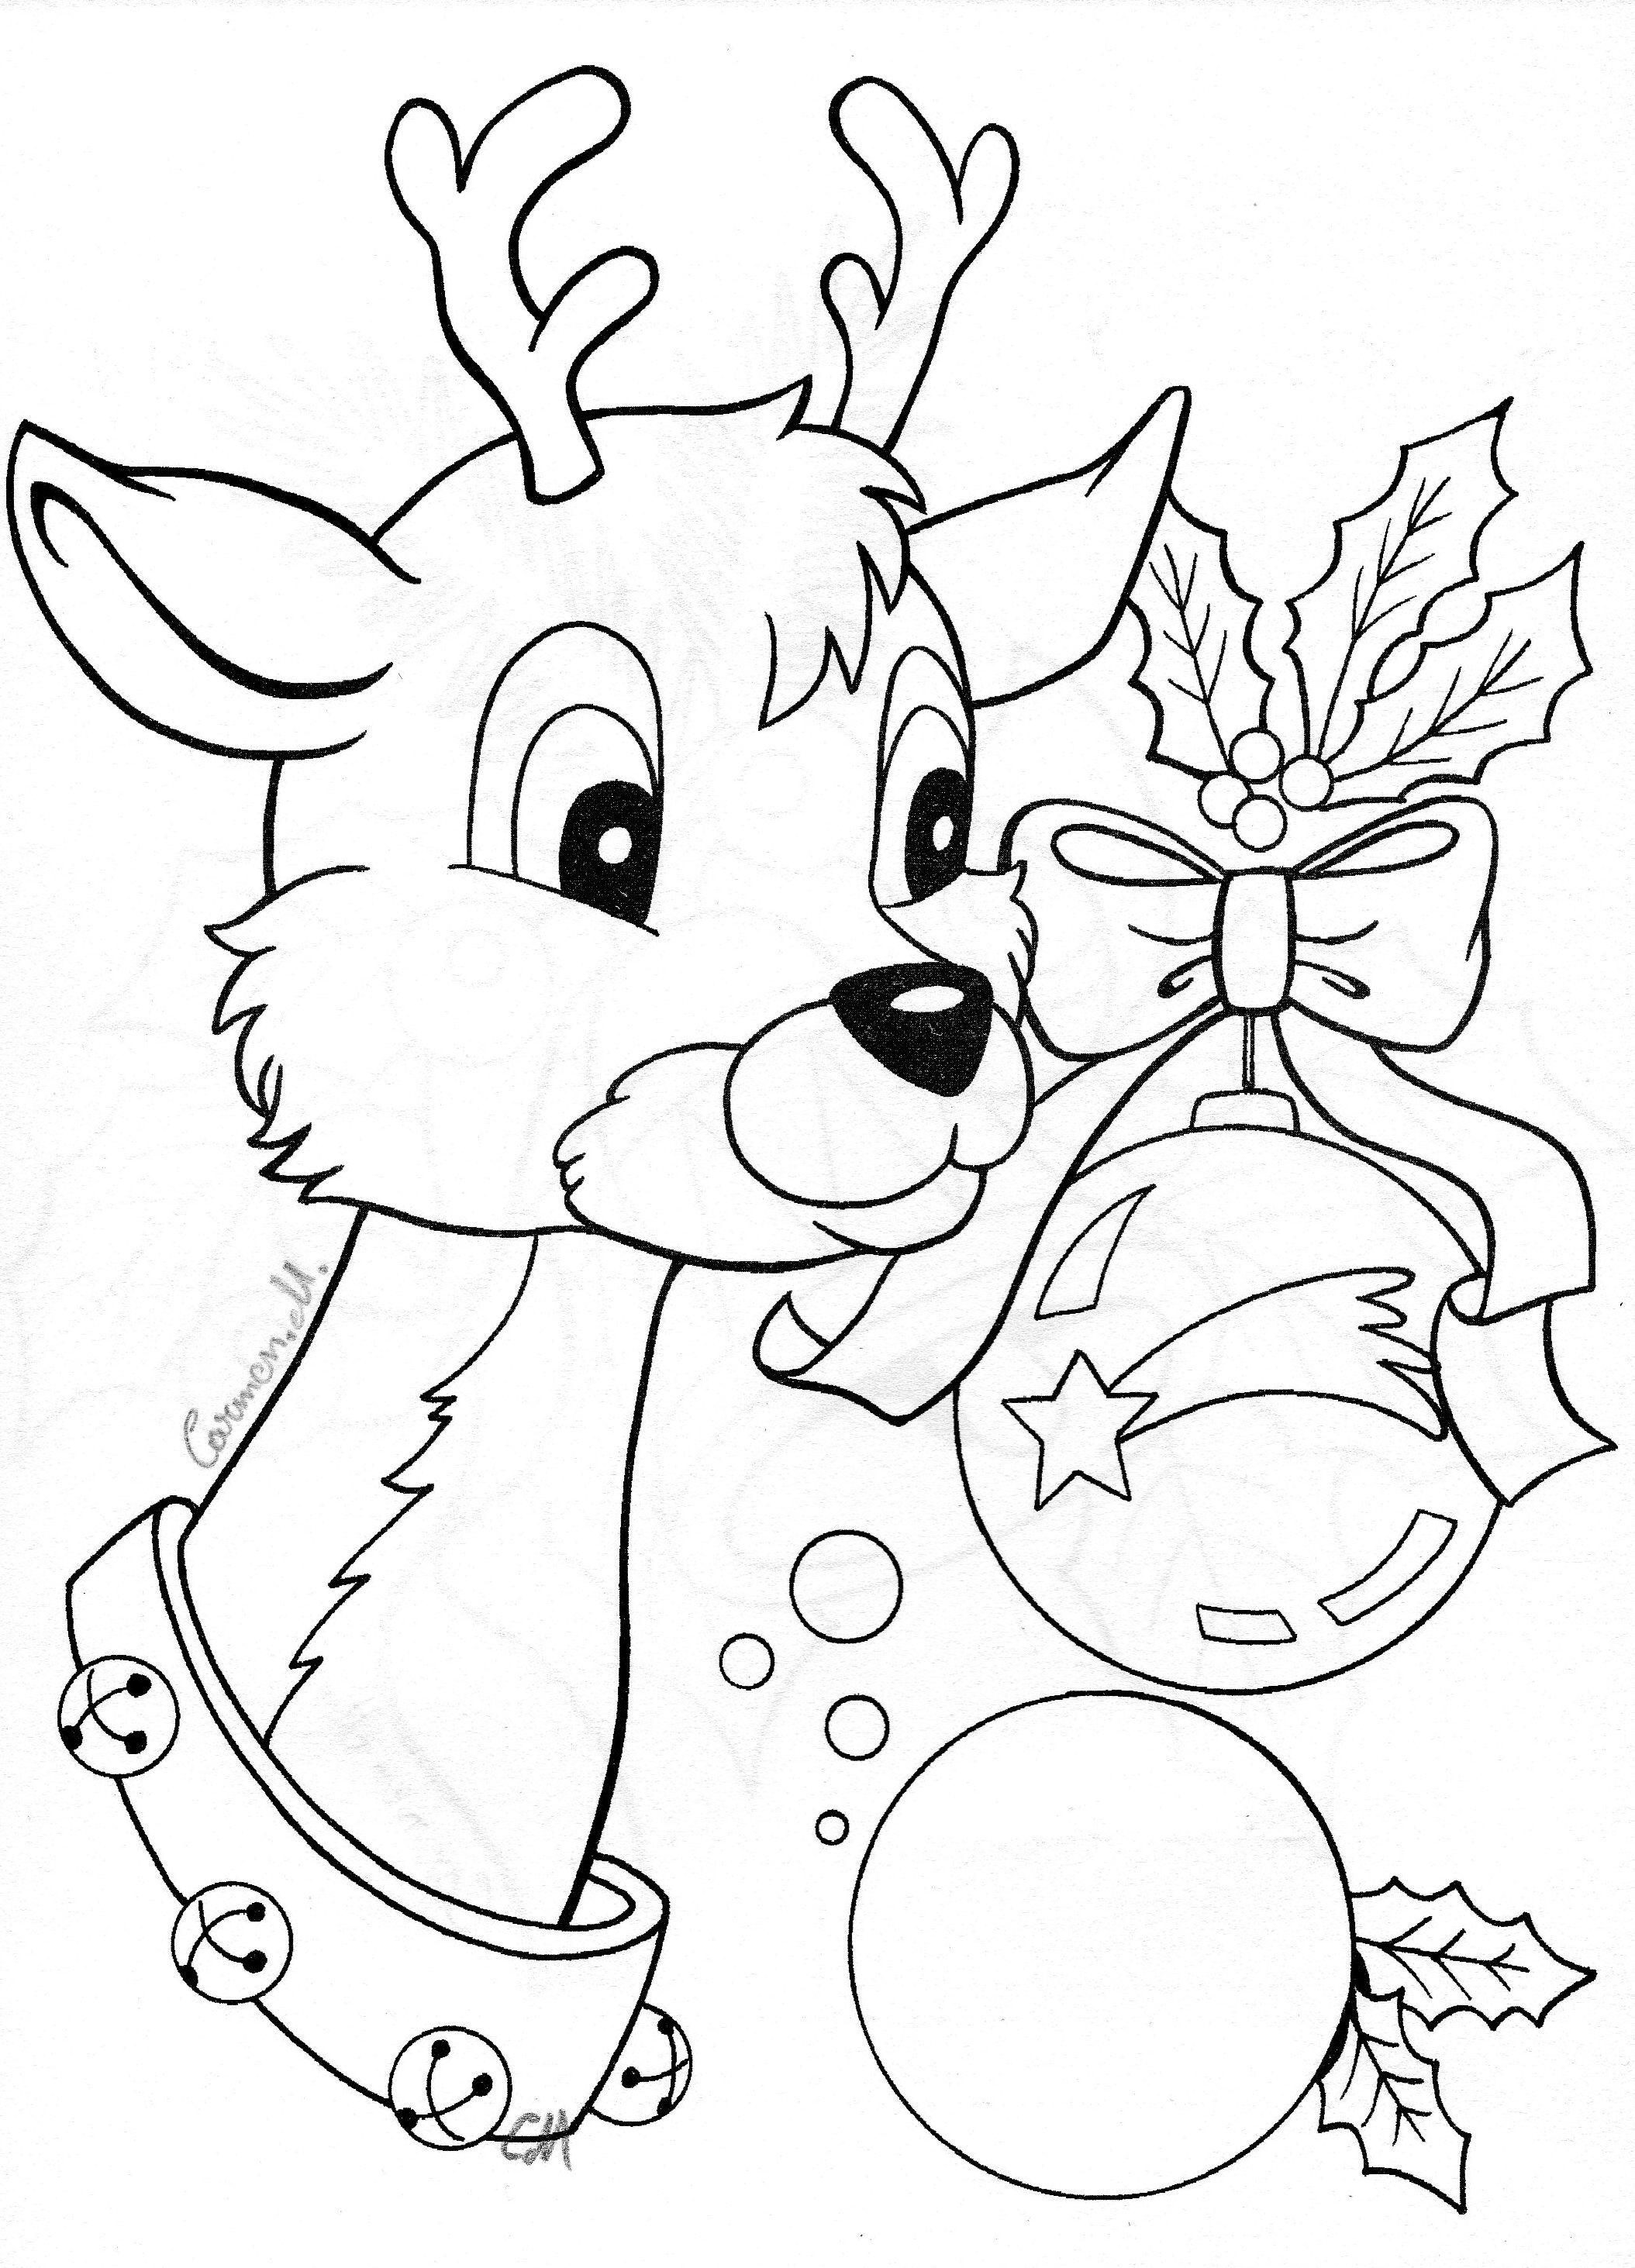 Épinglé par ivana sur Disegni Natale  Coloriage noel, Coloriage